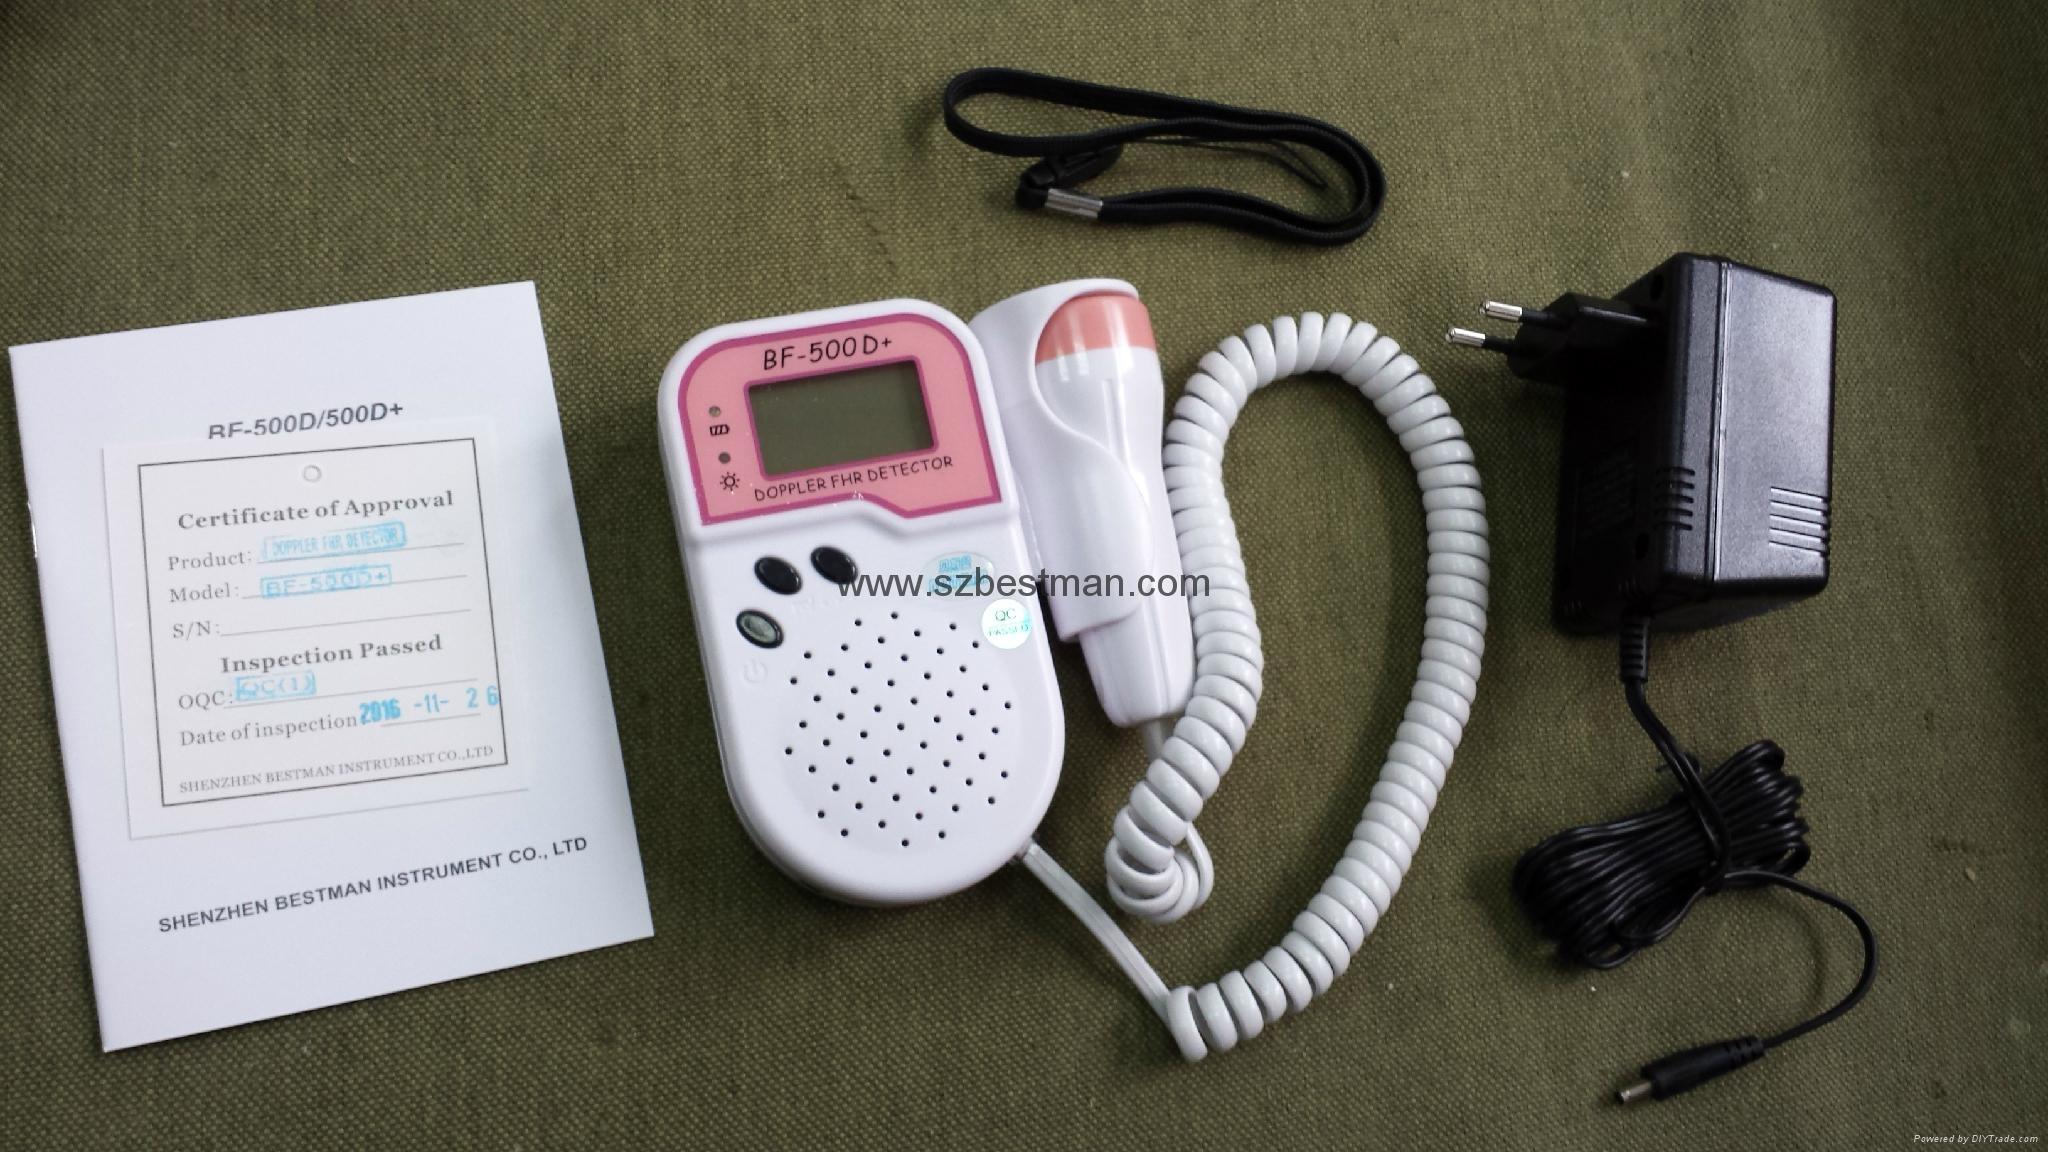 Blue tooth mobile app fetal Doppler BF-500D+ 11